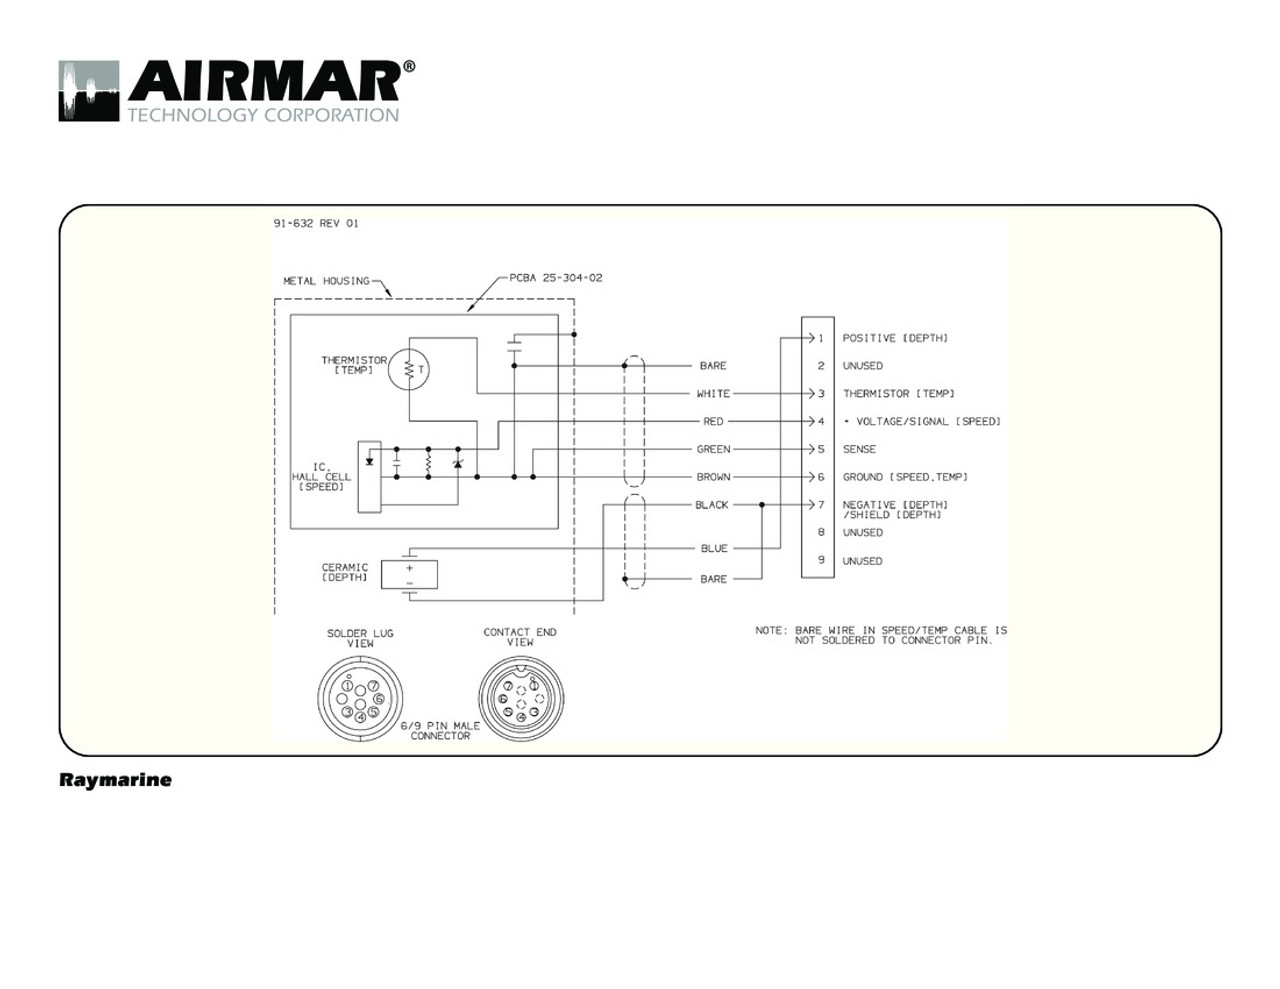 raymarine c80 wiring diagram repair manual raymarine c80 power wiring diagram c80 wiring diagram #4